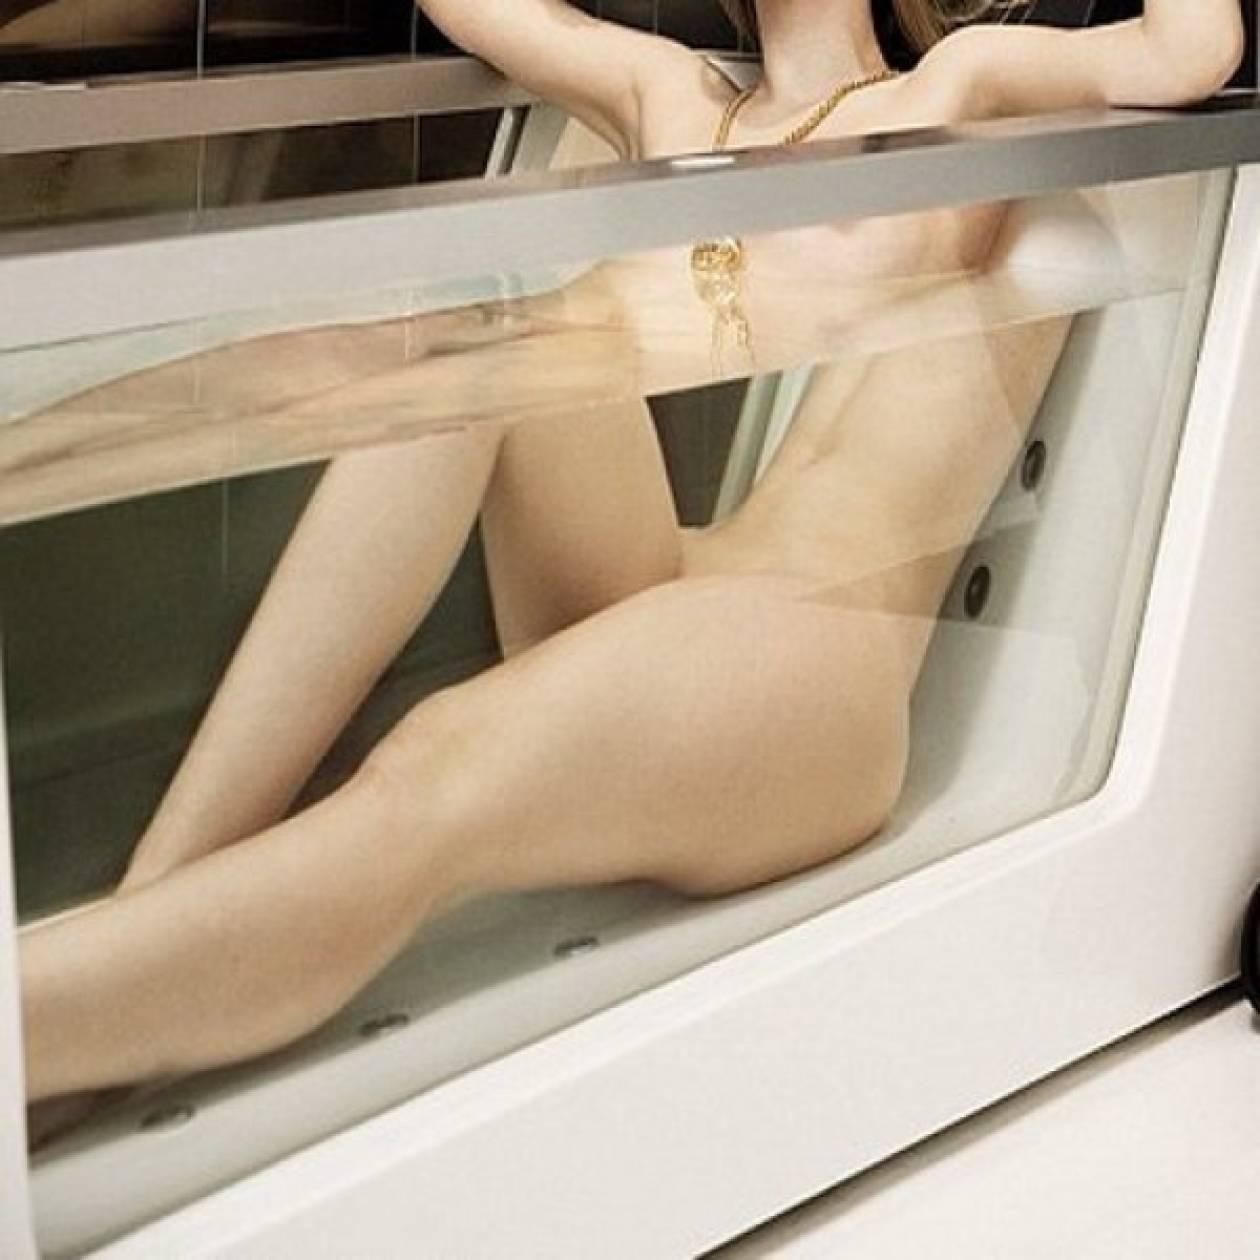 Τραγουδίστρια φωτογραφήθηκε ολόγυμνη στη μπανιέρα με τον φίλο της